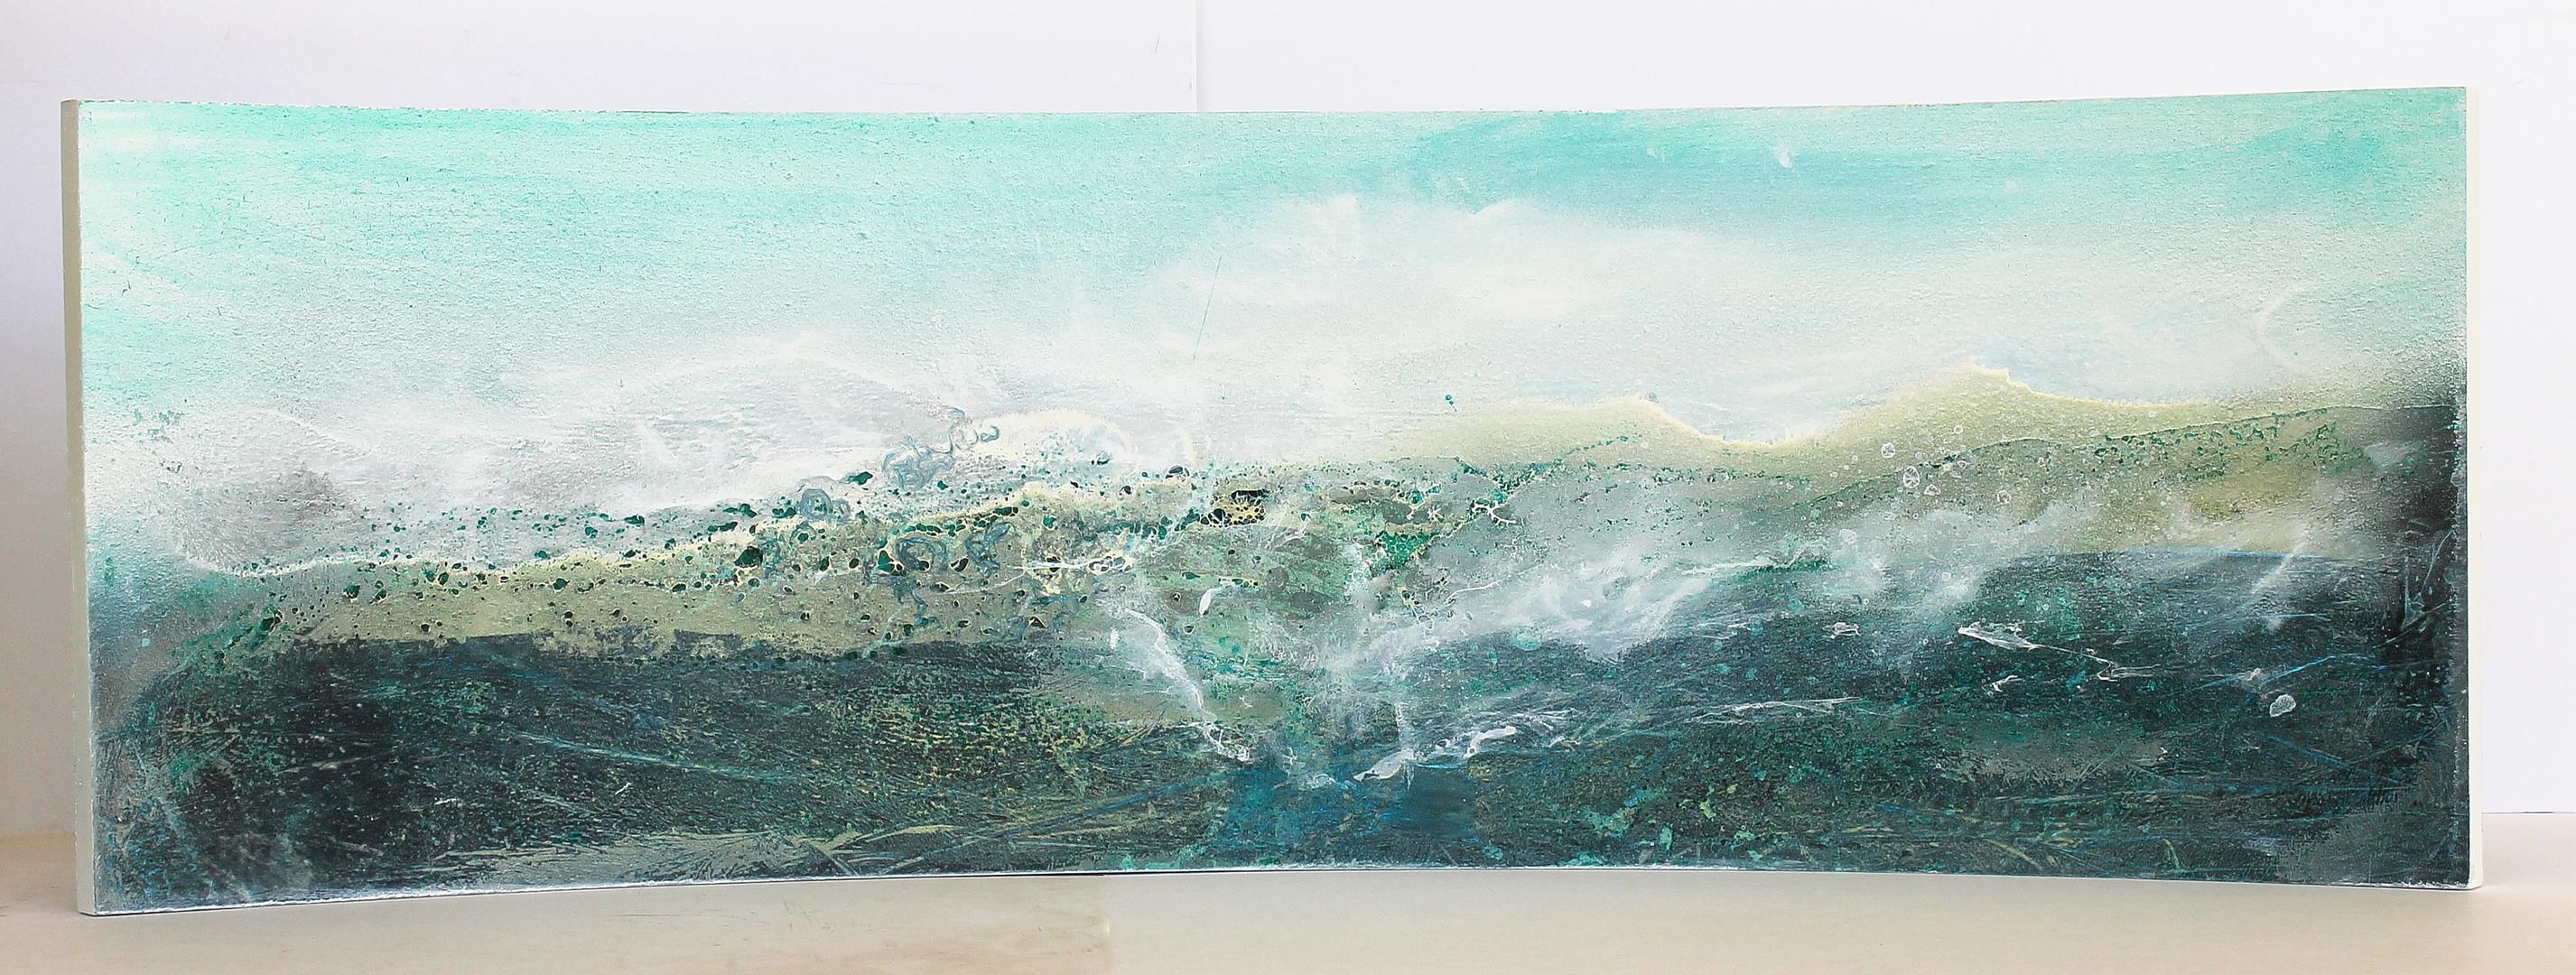 Ocean surge 2.jpg